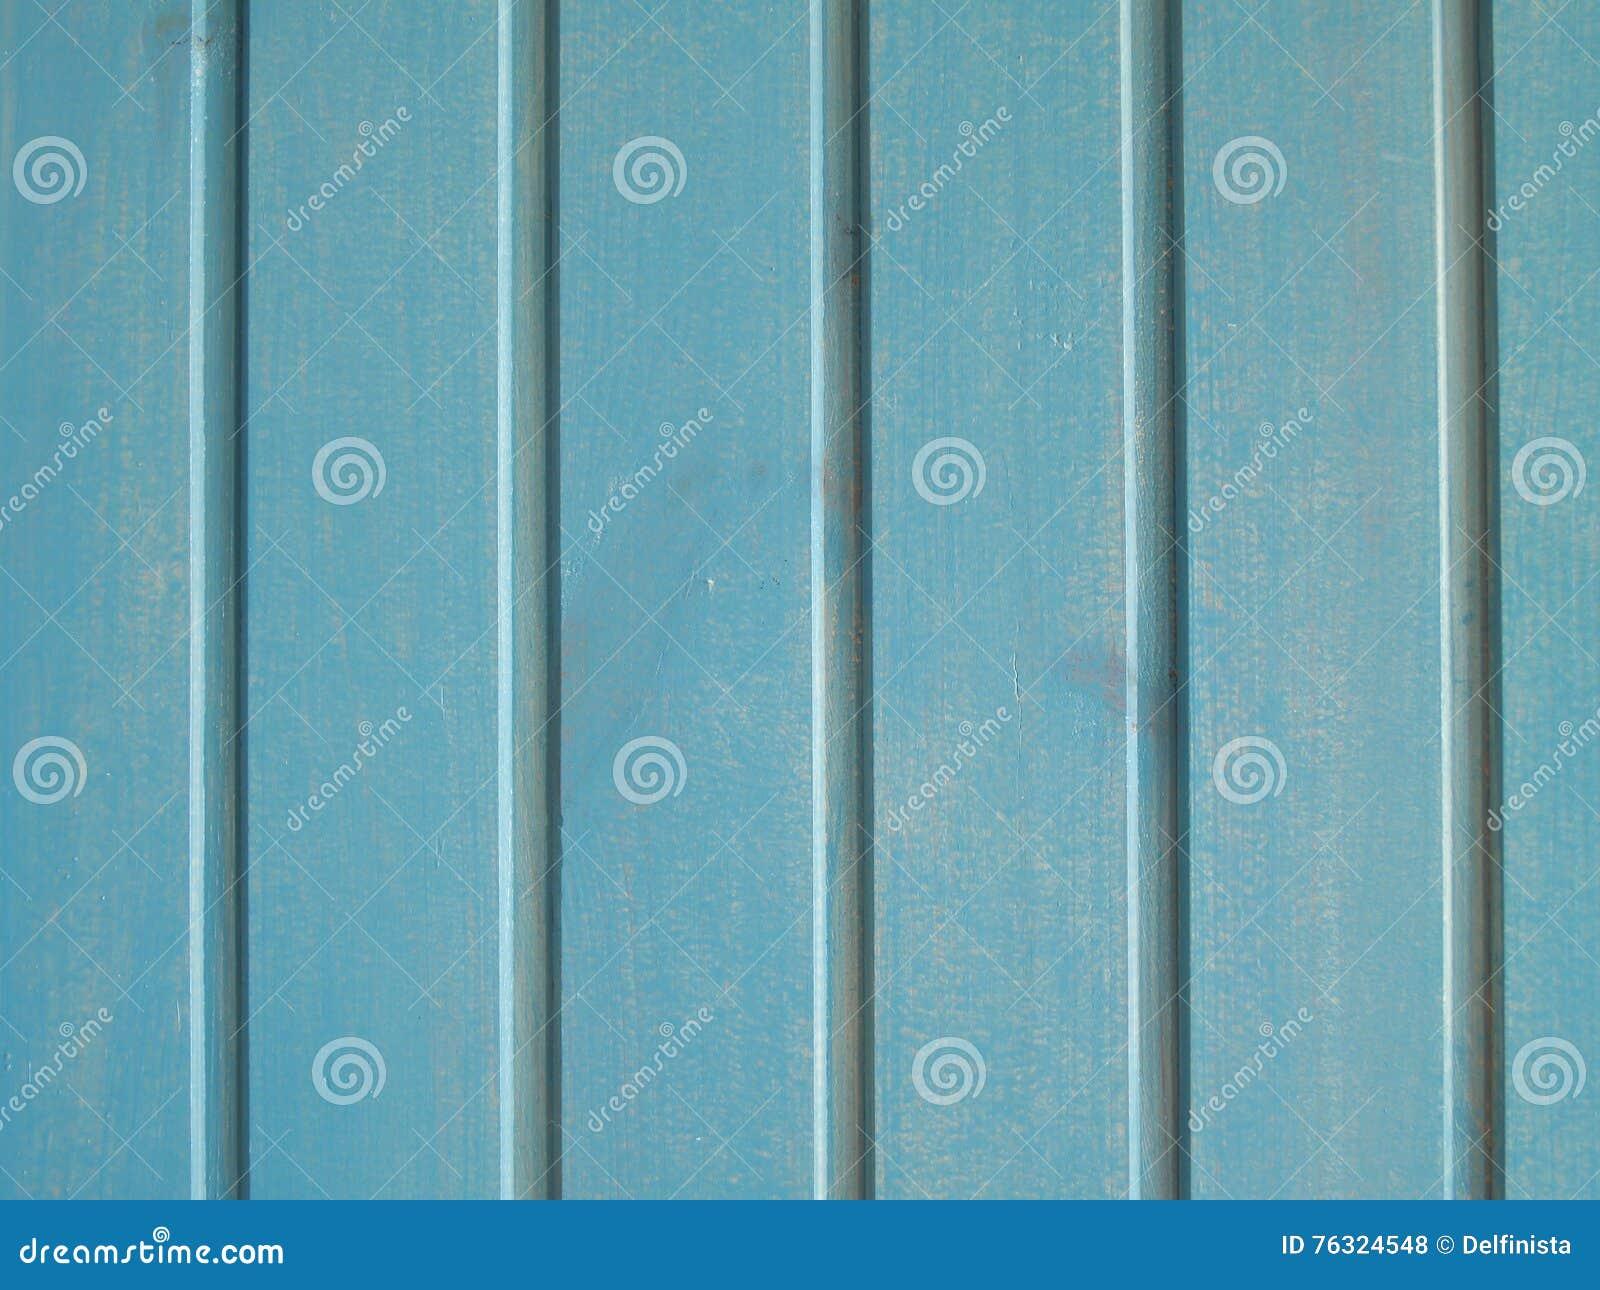 Hölzerner Hintergrund Des Türkises   Gemalte Hölzerne Planken Für  Schreibtischtabellenwand Oder  Boden